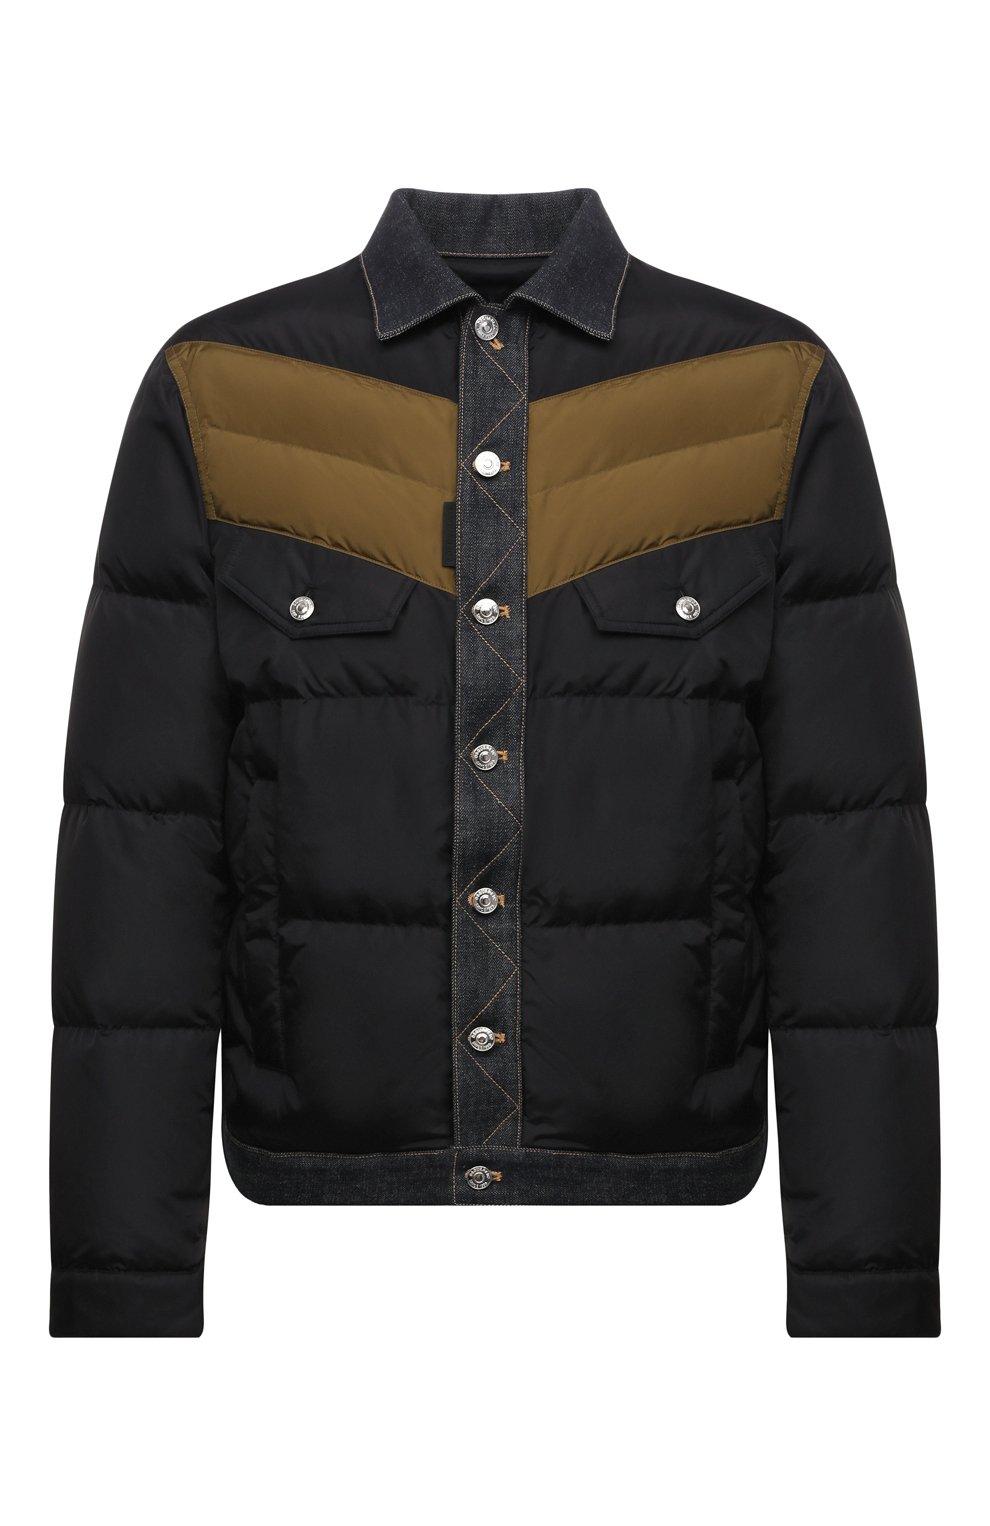 Мужская пуховая куртка DSQUARED2 темно-синего цвета, арт. S74AM1193/S53817   Фото 1 (Кросс-КТ: Куртка; Мужское Кросс-КТ: пуховик-короткий; Рукава: Длинные; Материал внешний: Синтетический материал; Стили: Гранж; Материал подклада: Синтетический материал; Длина (верхняя одежда): Короткие; Материал утеплителя: Пух и перо)